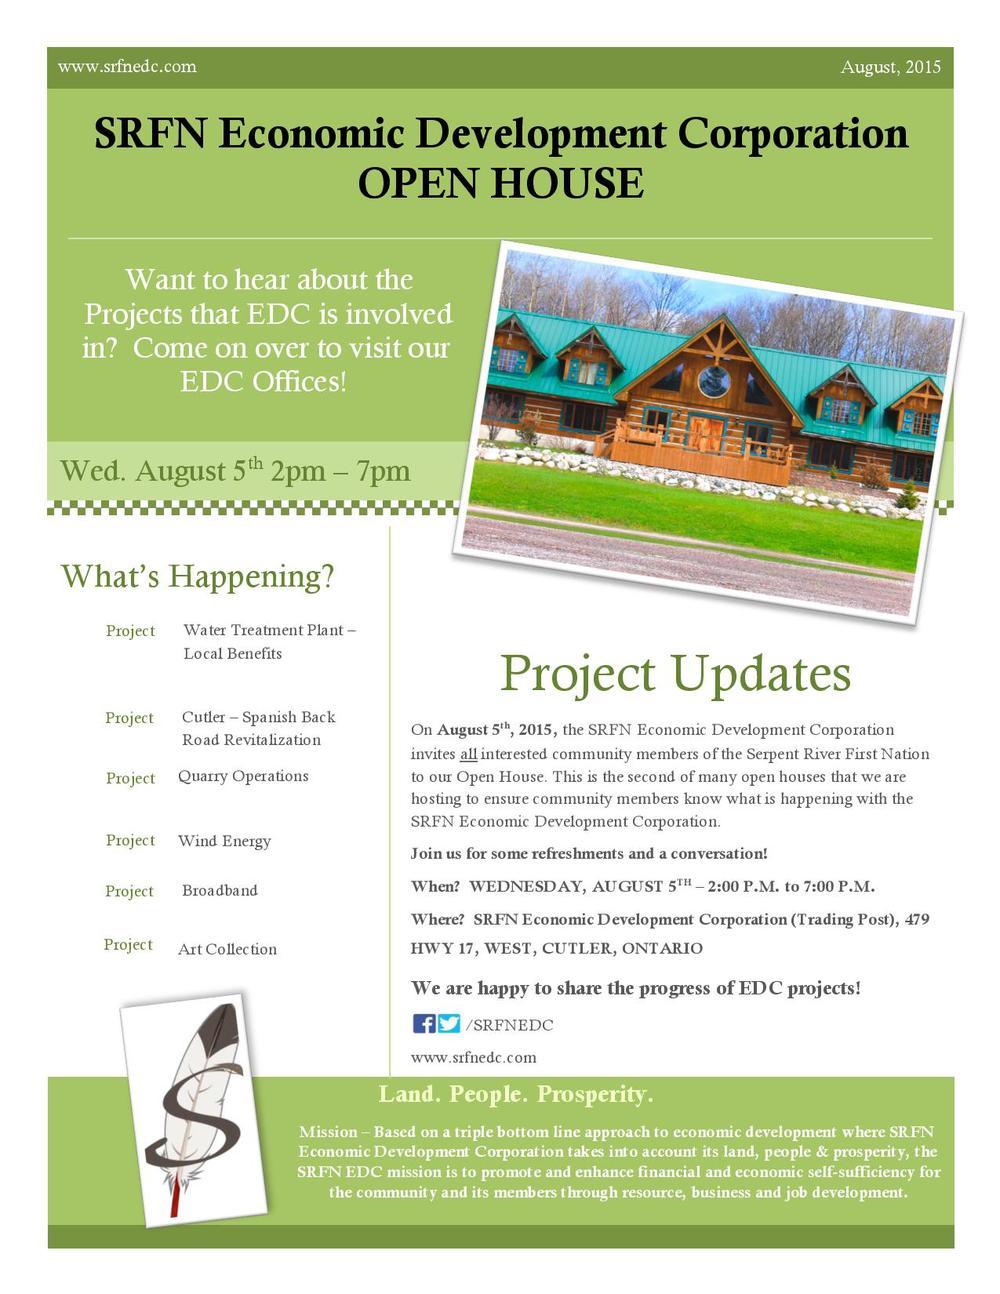 SRFNEDC August 5 Open House